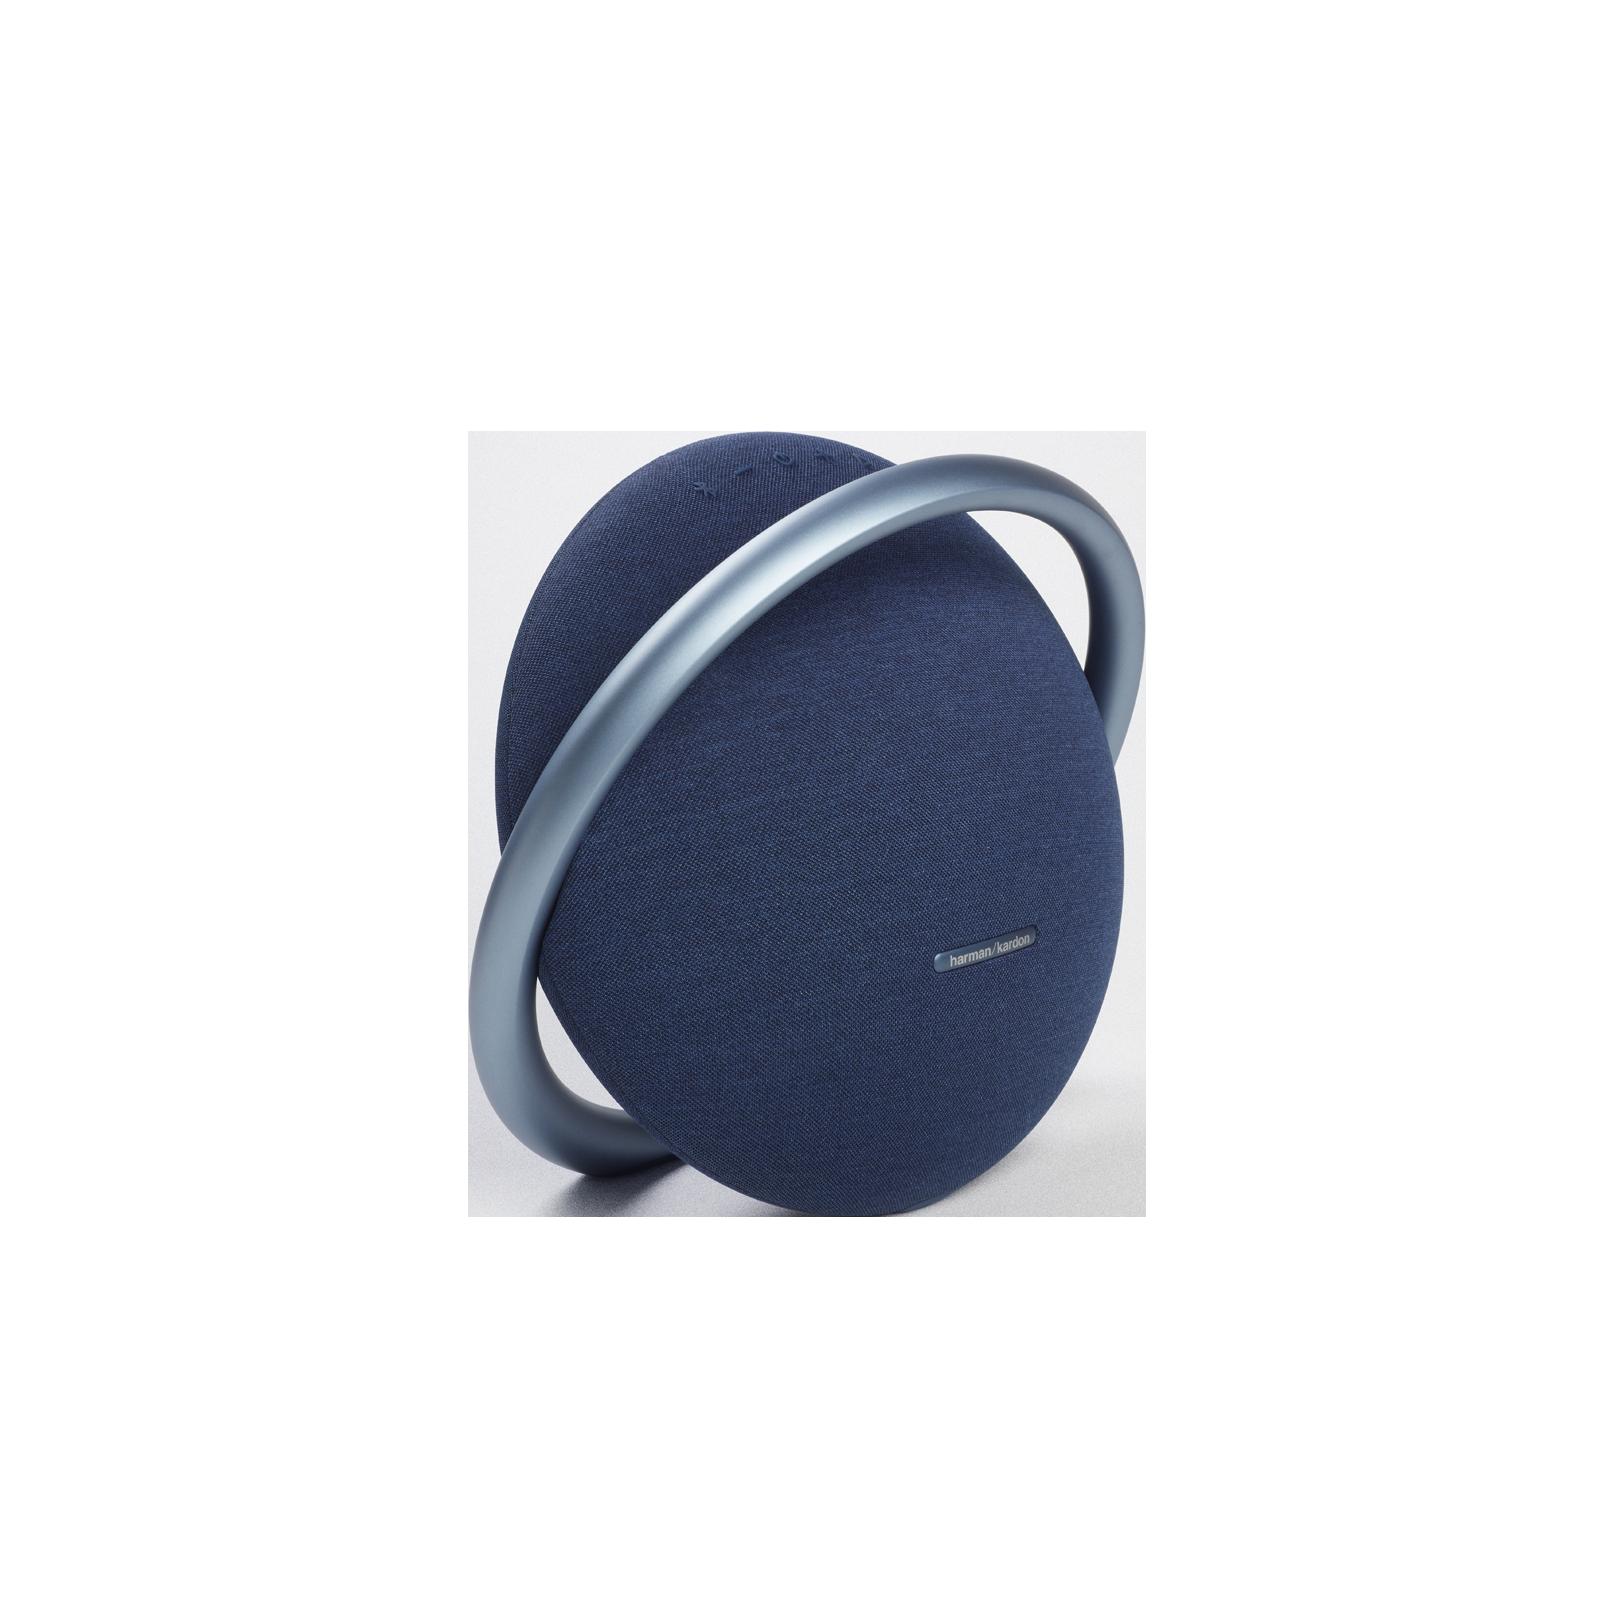 Onyx Studio 7 - Blue - Portable Stereo Bluetooth Speaker - Detailshot 1